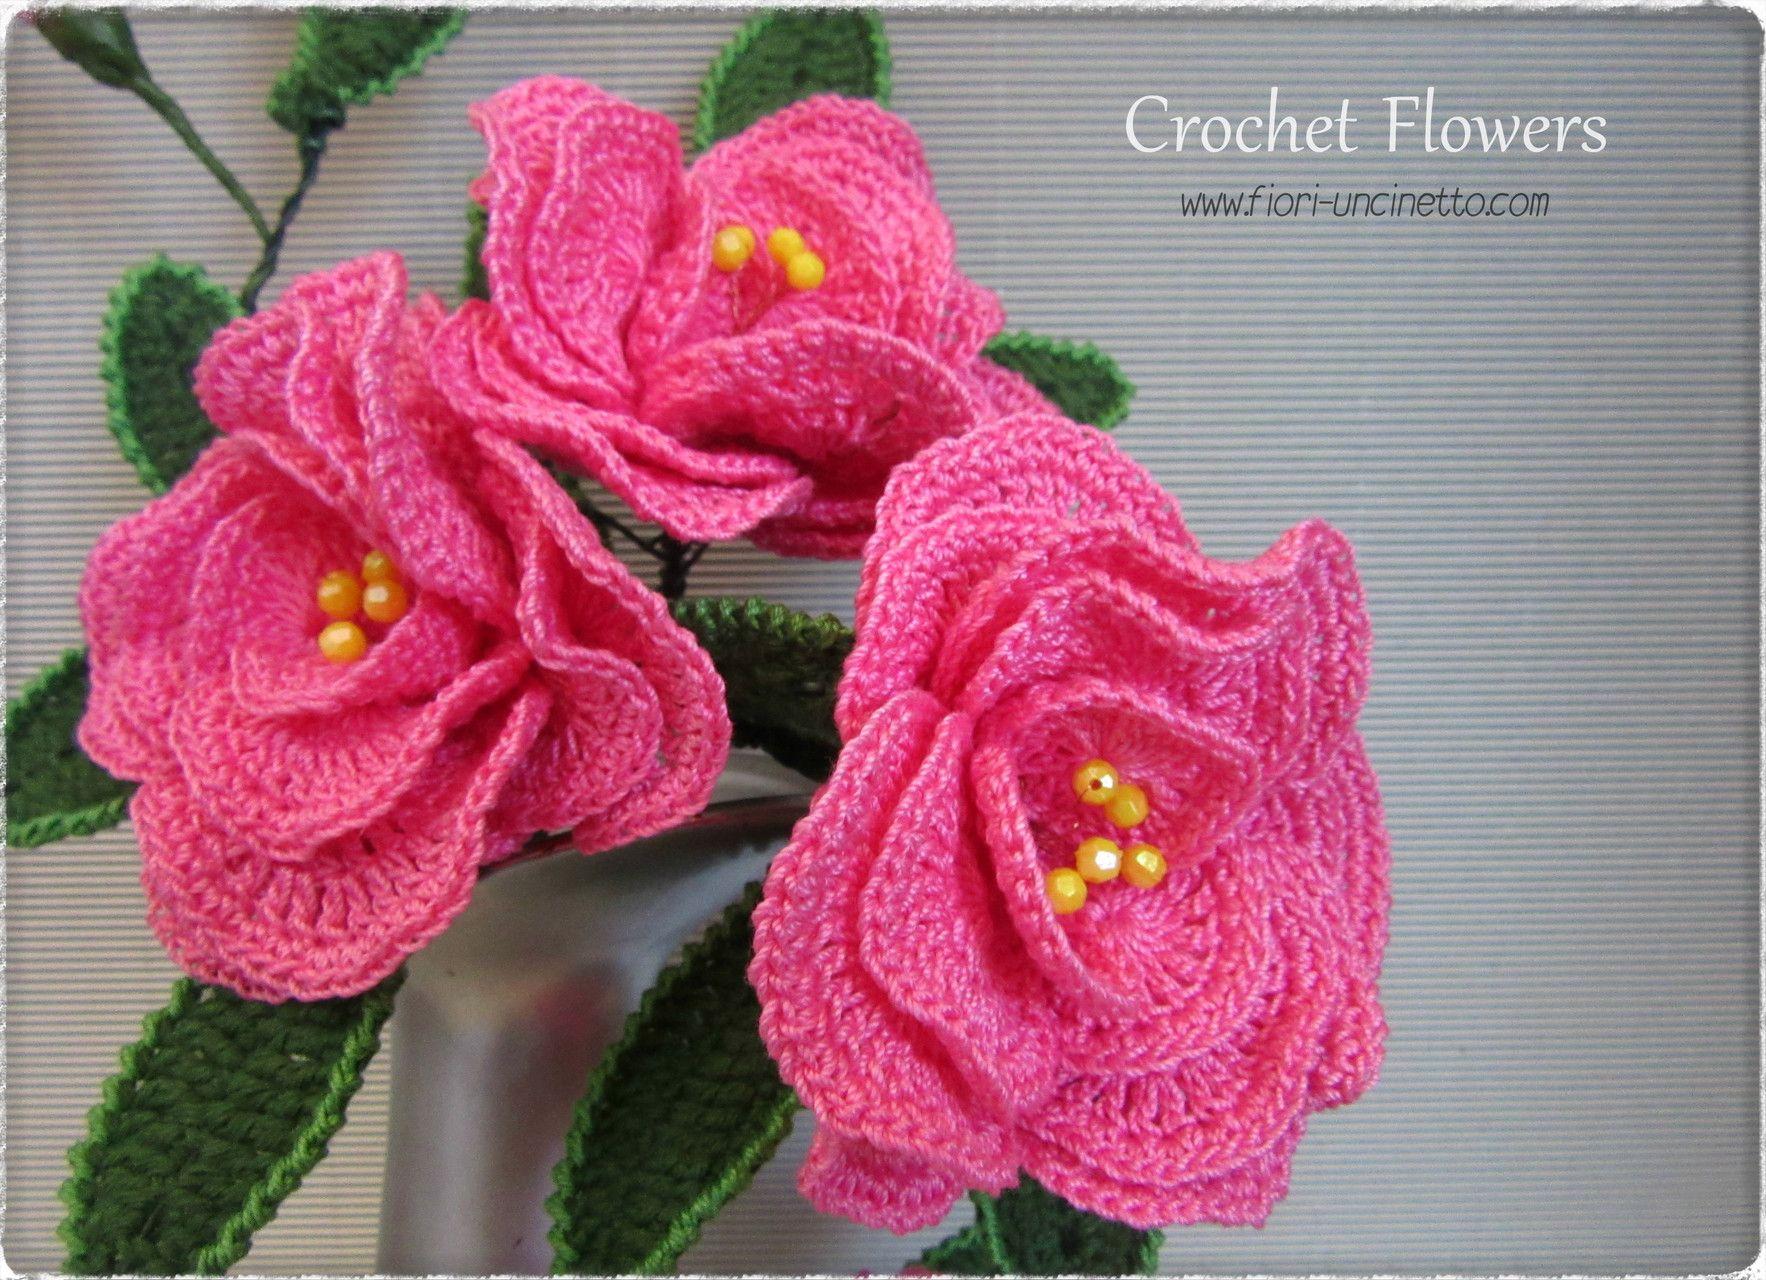 Fiori Uncinetto - Crochet Flowers - Fiori all\'Uncinetto - Crochet ...